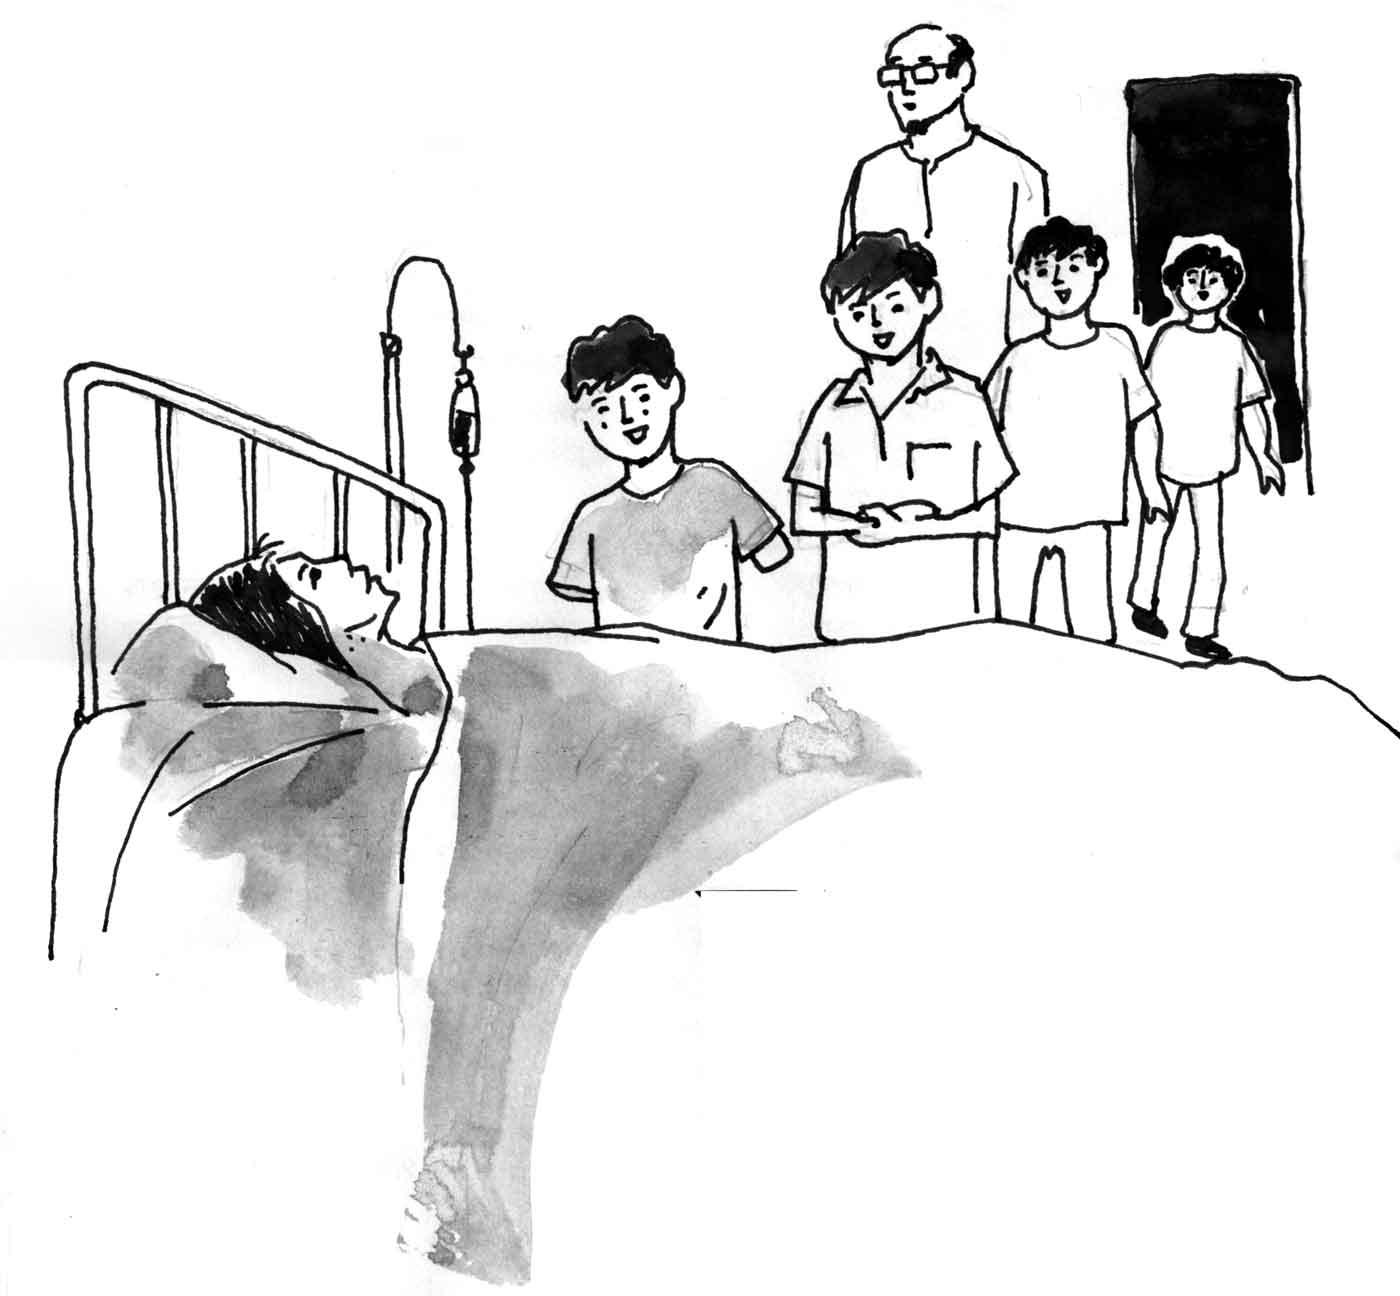 ফুয়াদ, সায়েম ও শোয়েব ওরা তিন বন্ধু অষ্টম শ্রেণীতে লেখাপড়া করে। তিনজন একই স্কুলে পড়ে। ওদের মাঝে খুবই মিল। সবার বাসা পাশাপাশি হওয়ায় প্রতিদিন একই সাথে স্কুলে যায়, আবার স্কুল ছুটির পর একই সাথে বাসায় ফিরে।